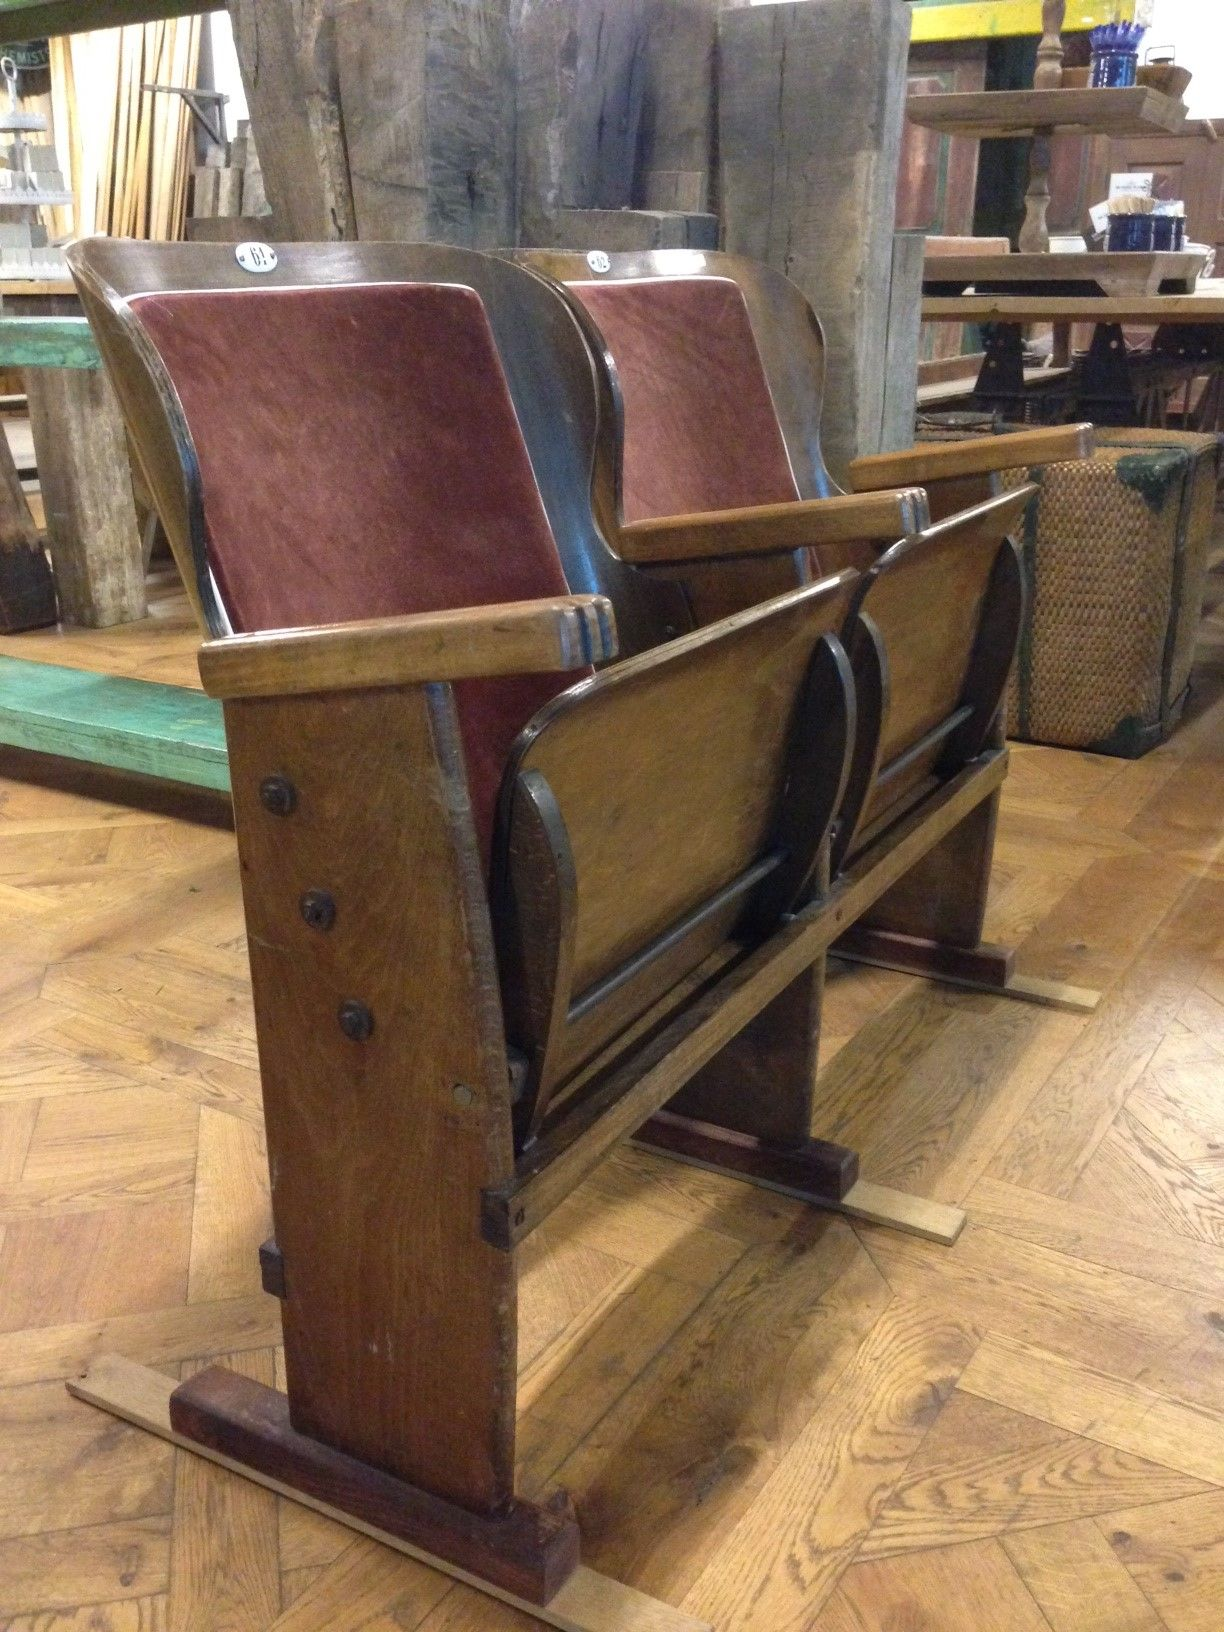 Oude bioscoopstoeltjes te koop bij de oude plank meubels en decoratie van de oude plank - Rustieke eetkamer decoratie ...